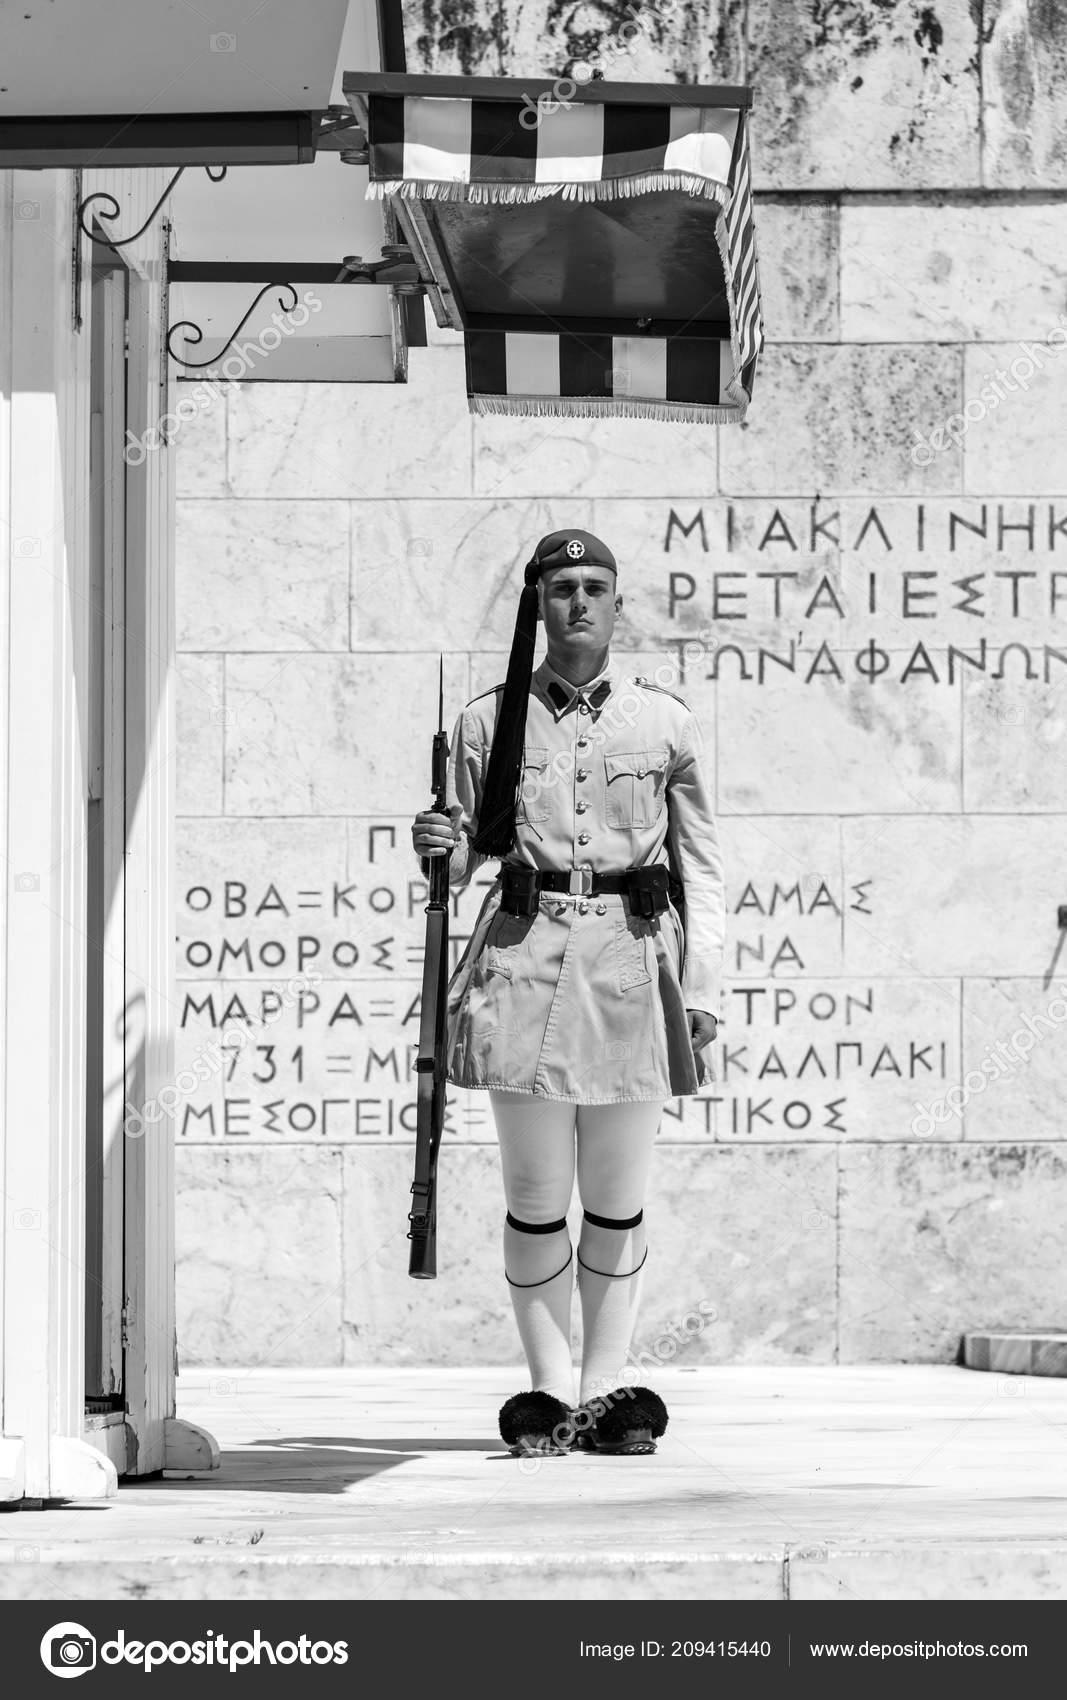 Atenas Grecia Julio 2018 Griego Soldados Evzones Vestidos